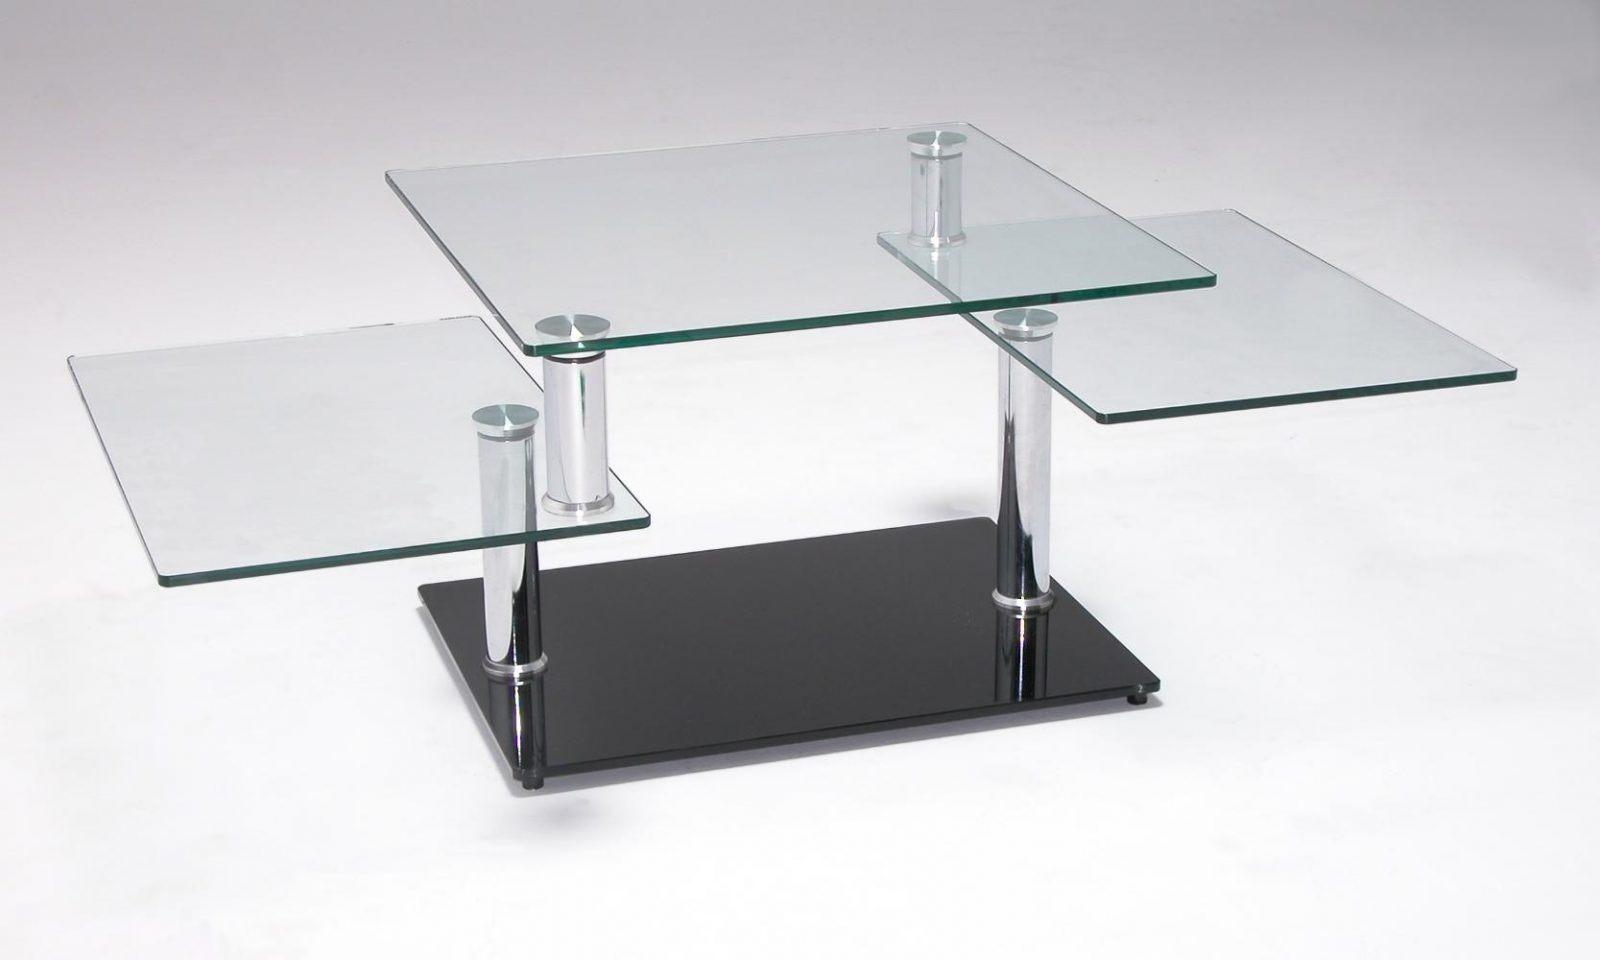 Mesa de centro moderna de vidro fotos e imagens - Mesa centro de cristal ...